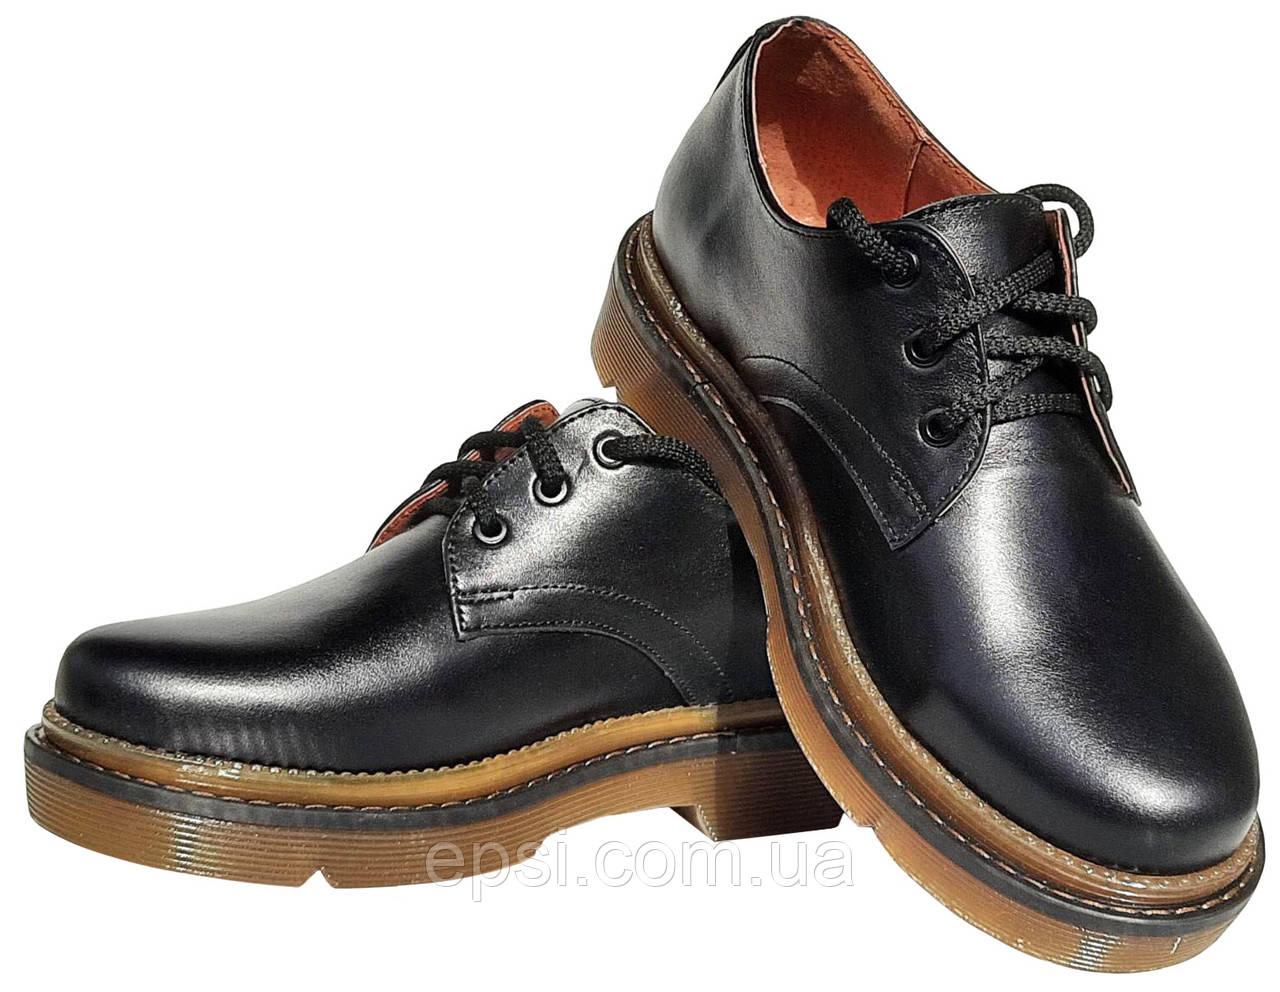 Женские кожаные туфли мартинс Kurag 1-010-40 черные 40